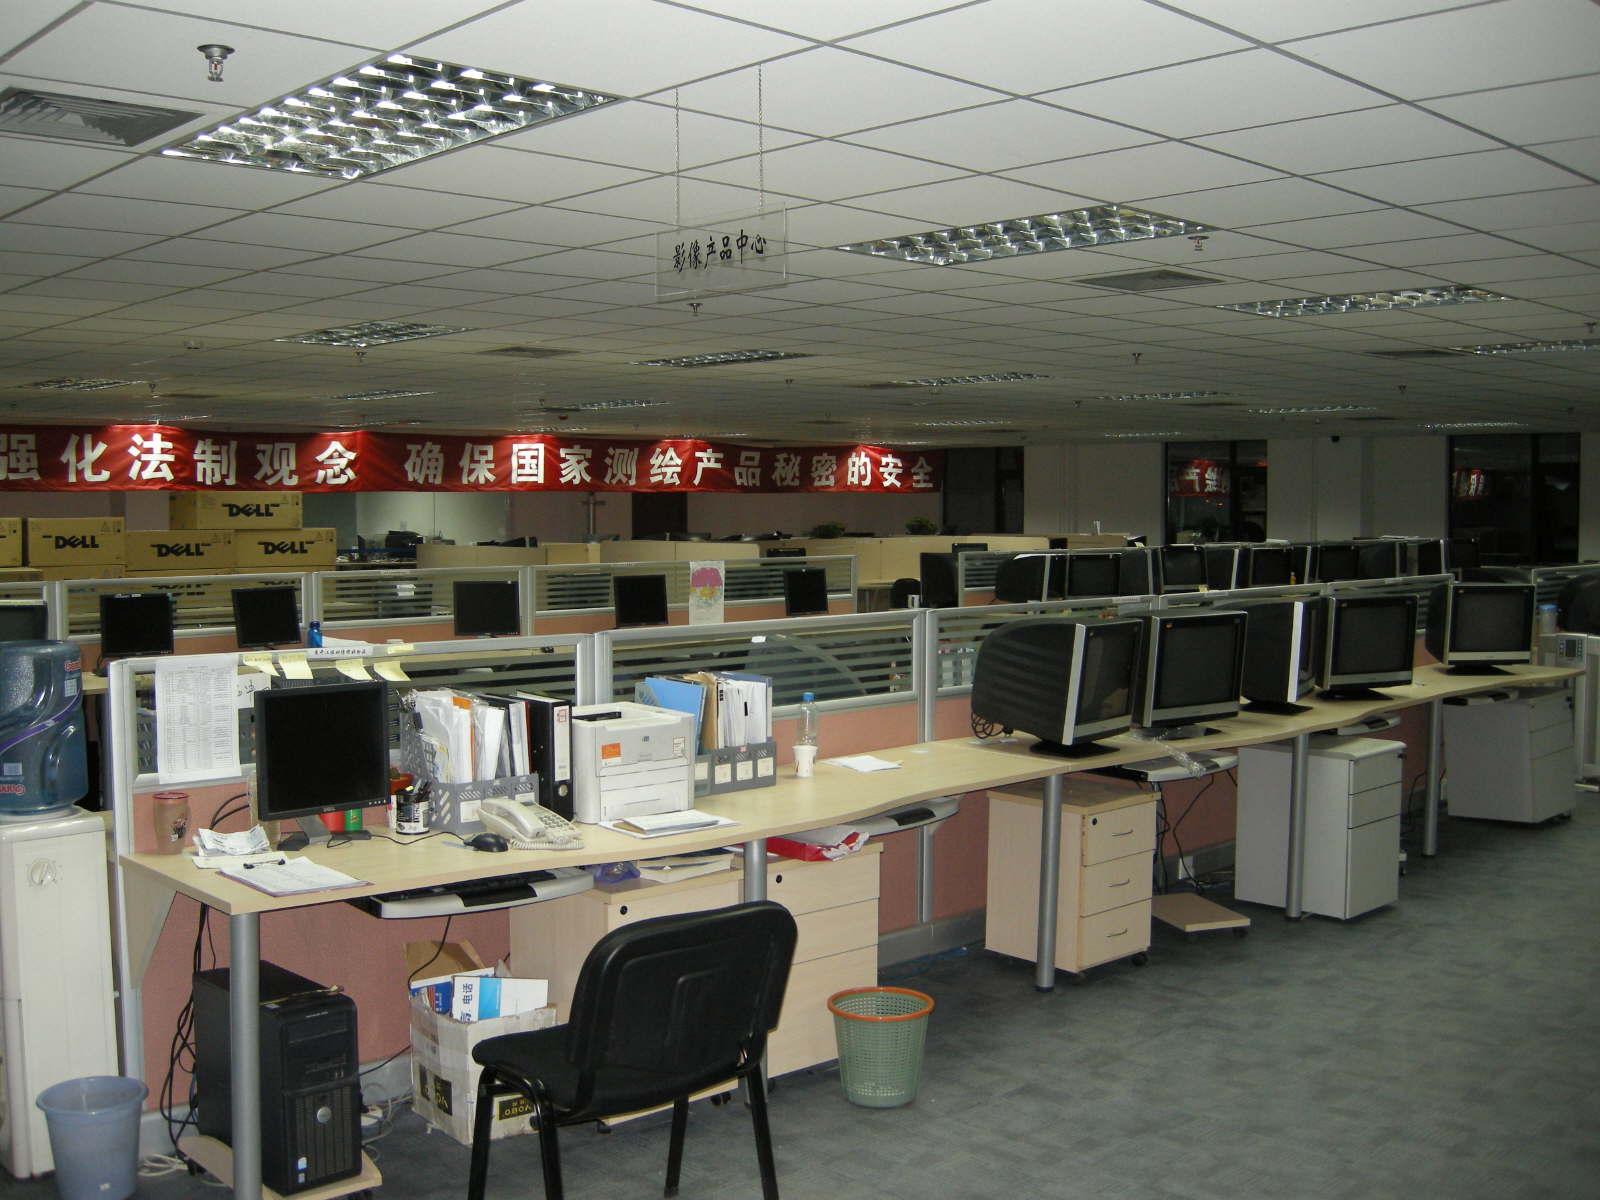 BSEI 사무실 모습